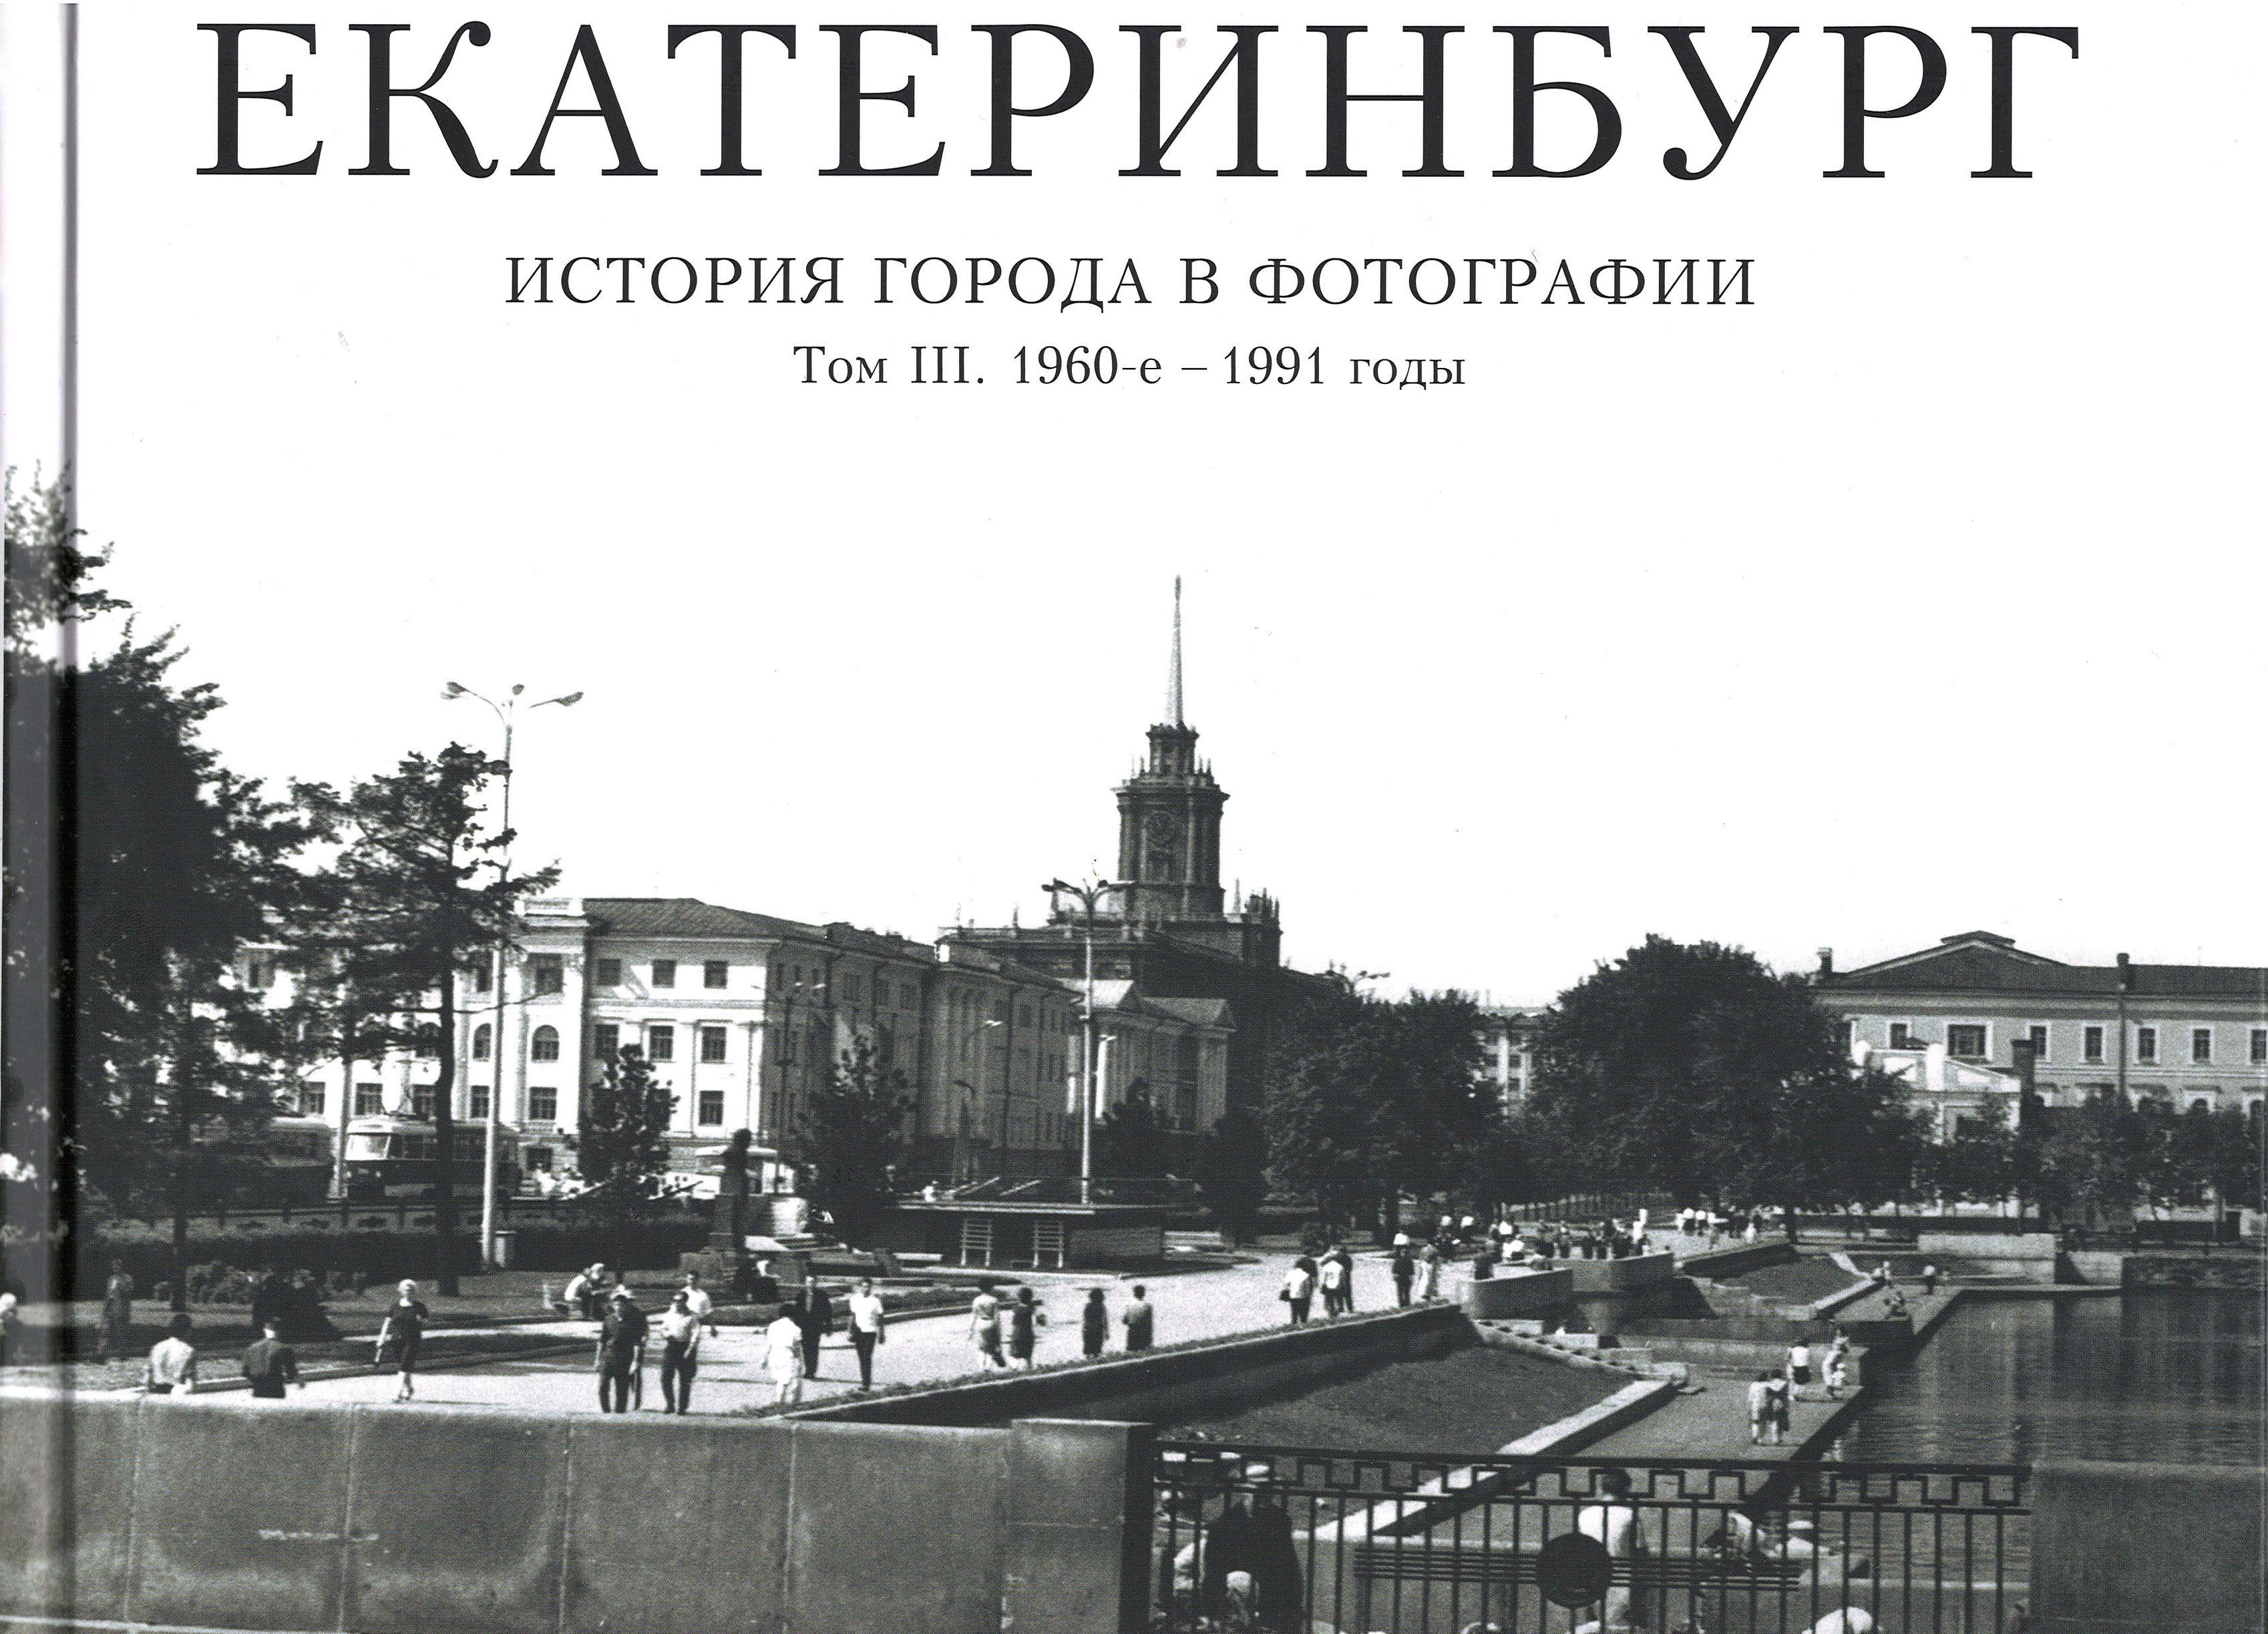 Беркович Фотоальбом Екатеринбург История города в фотографии т3